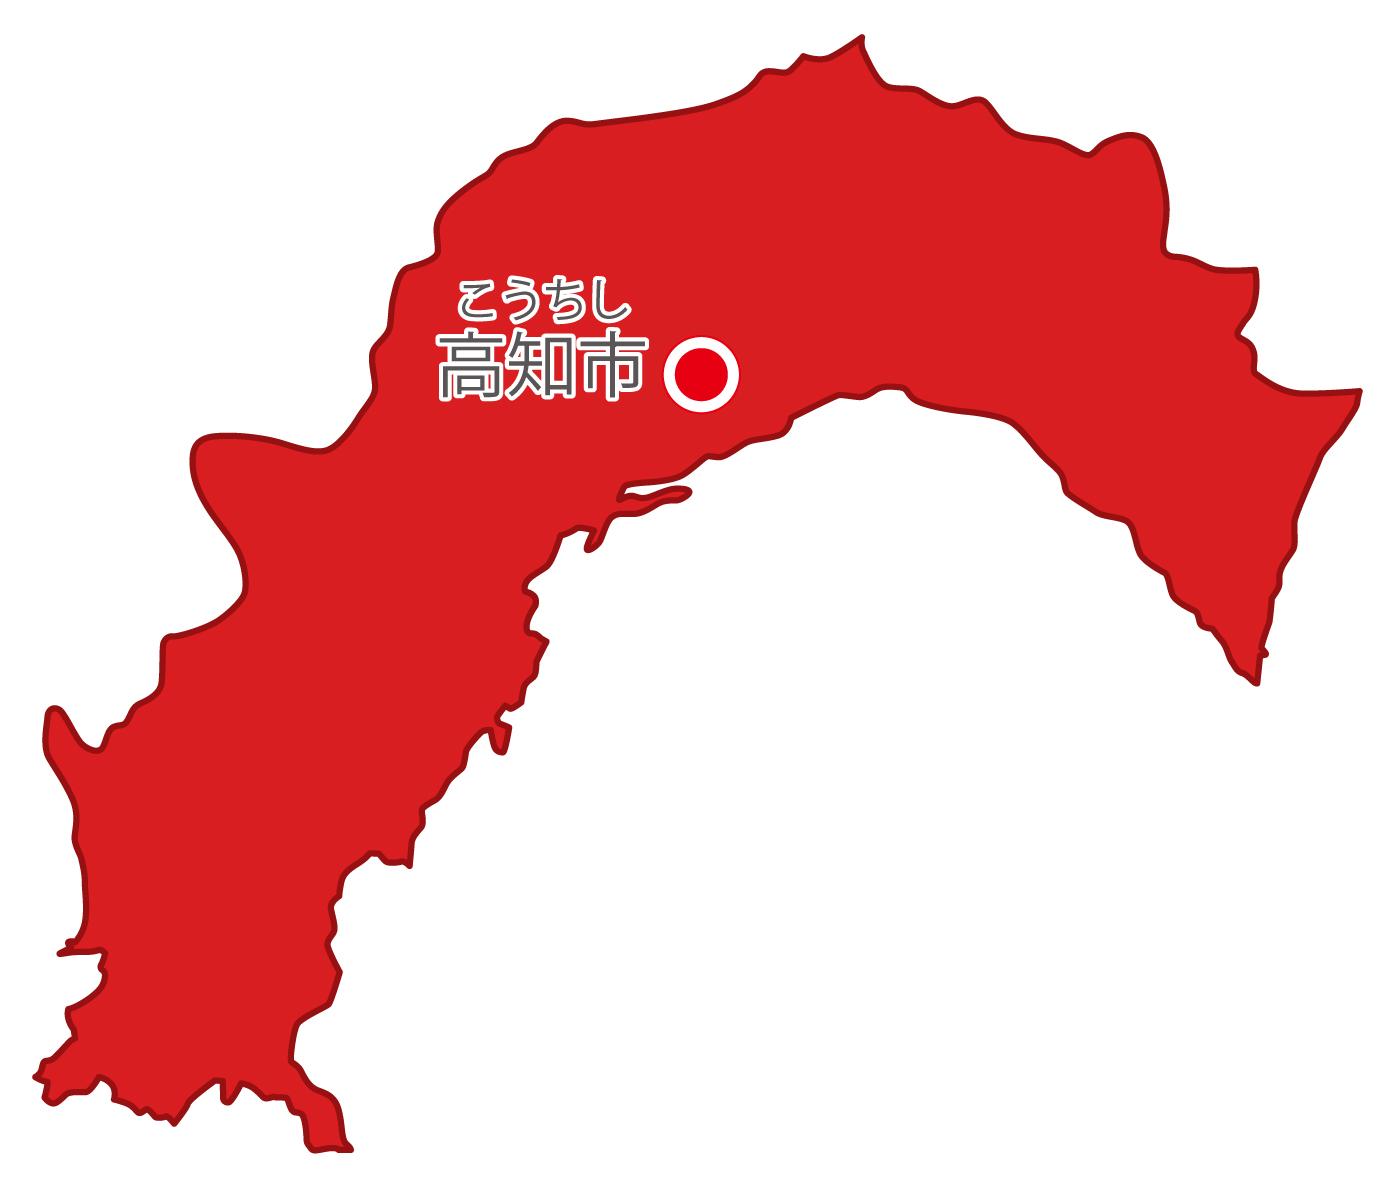 高知県無料フリーイラスト|日本語・県庁所在地あり・ルビあり(赤)